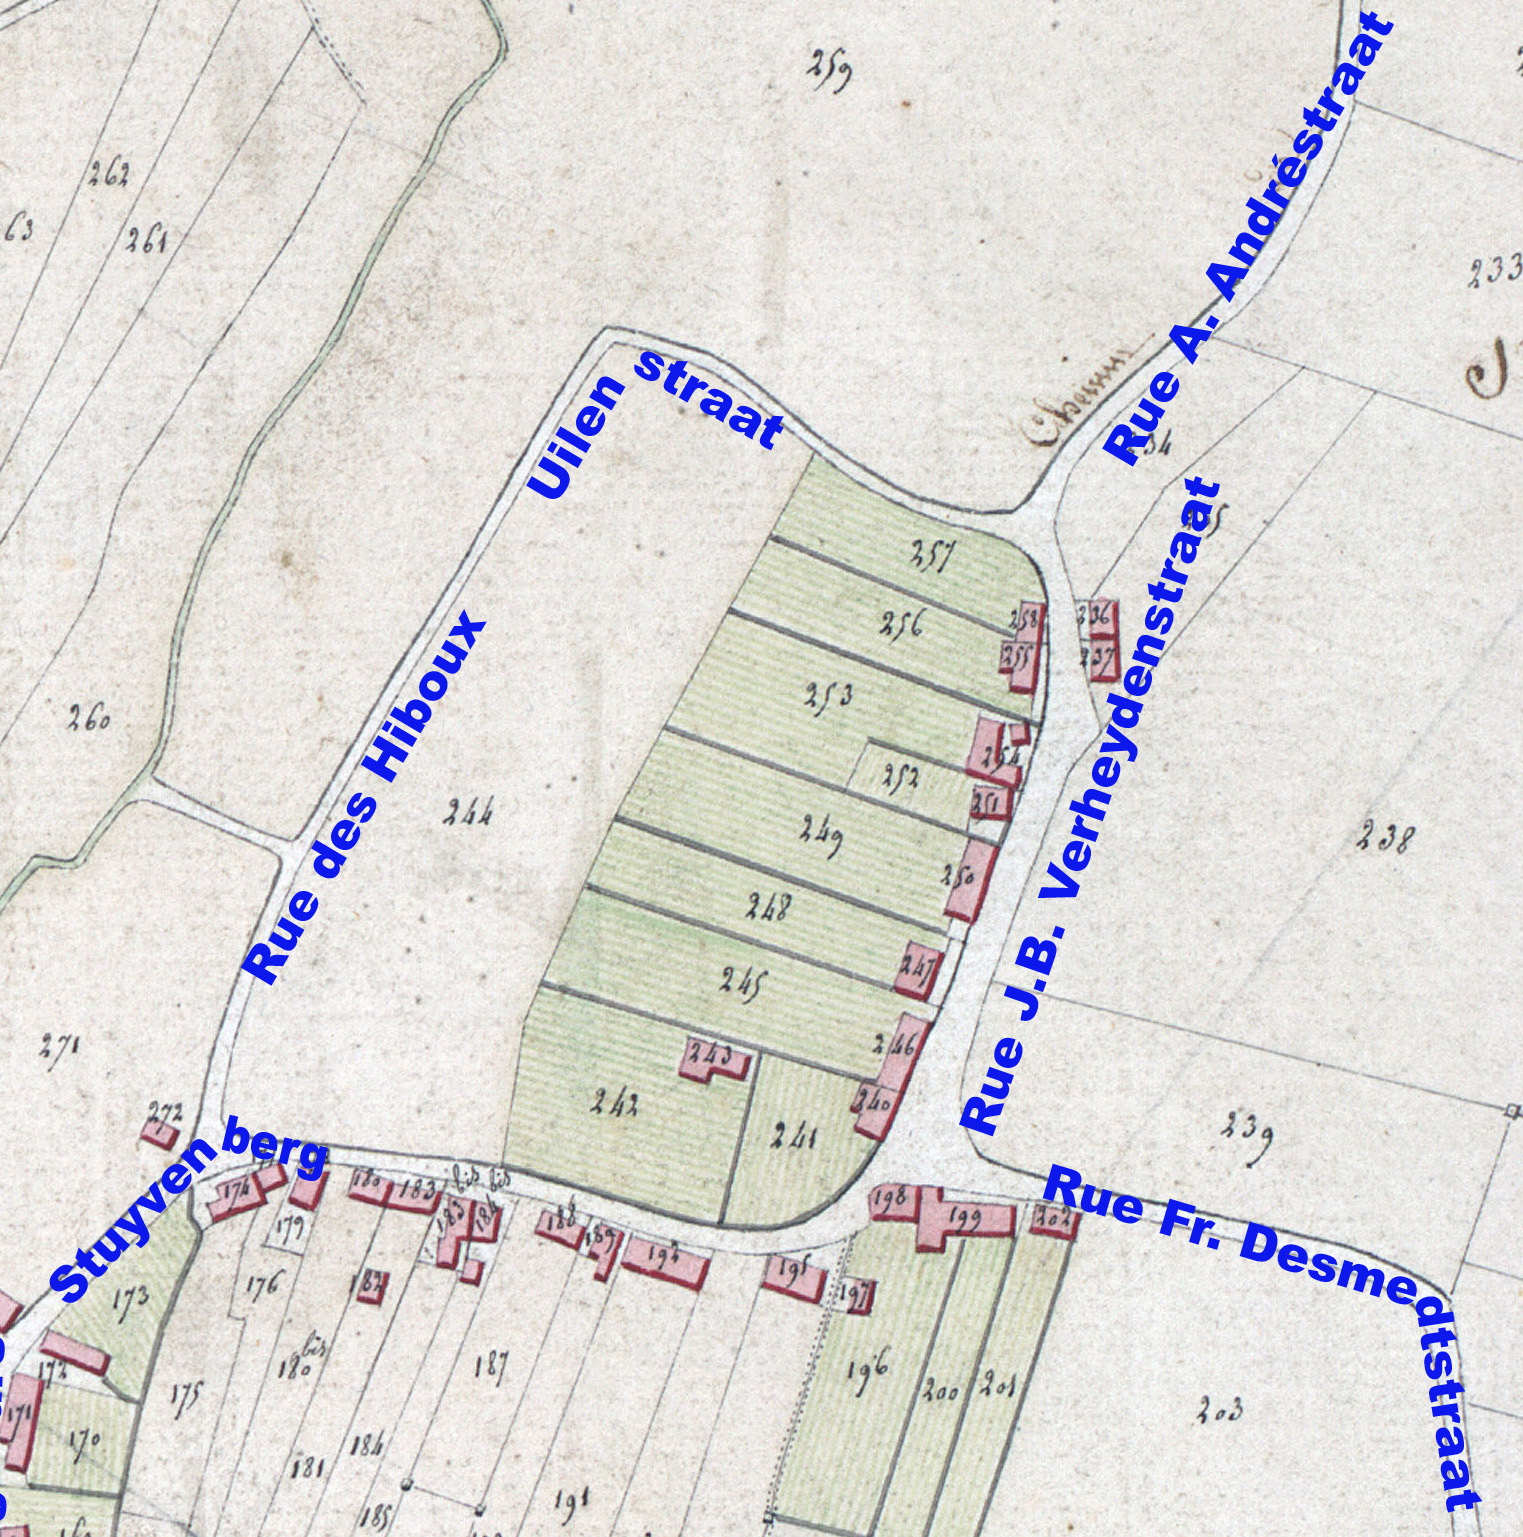 La rue des Hiboux sur l'Atlas communal de 1808.